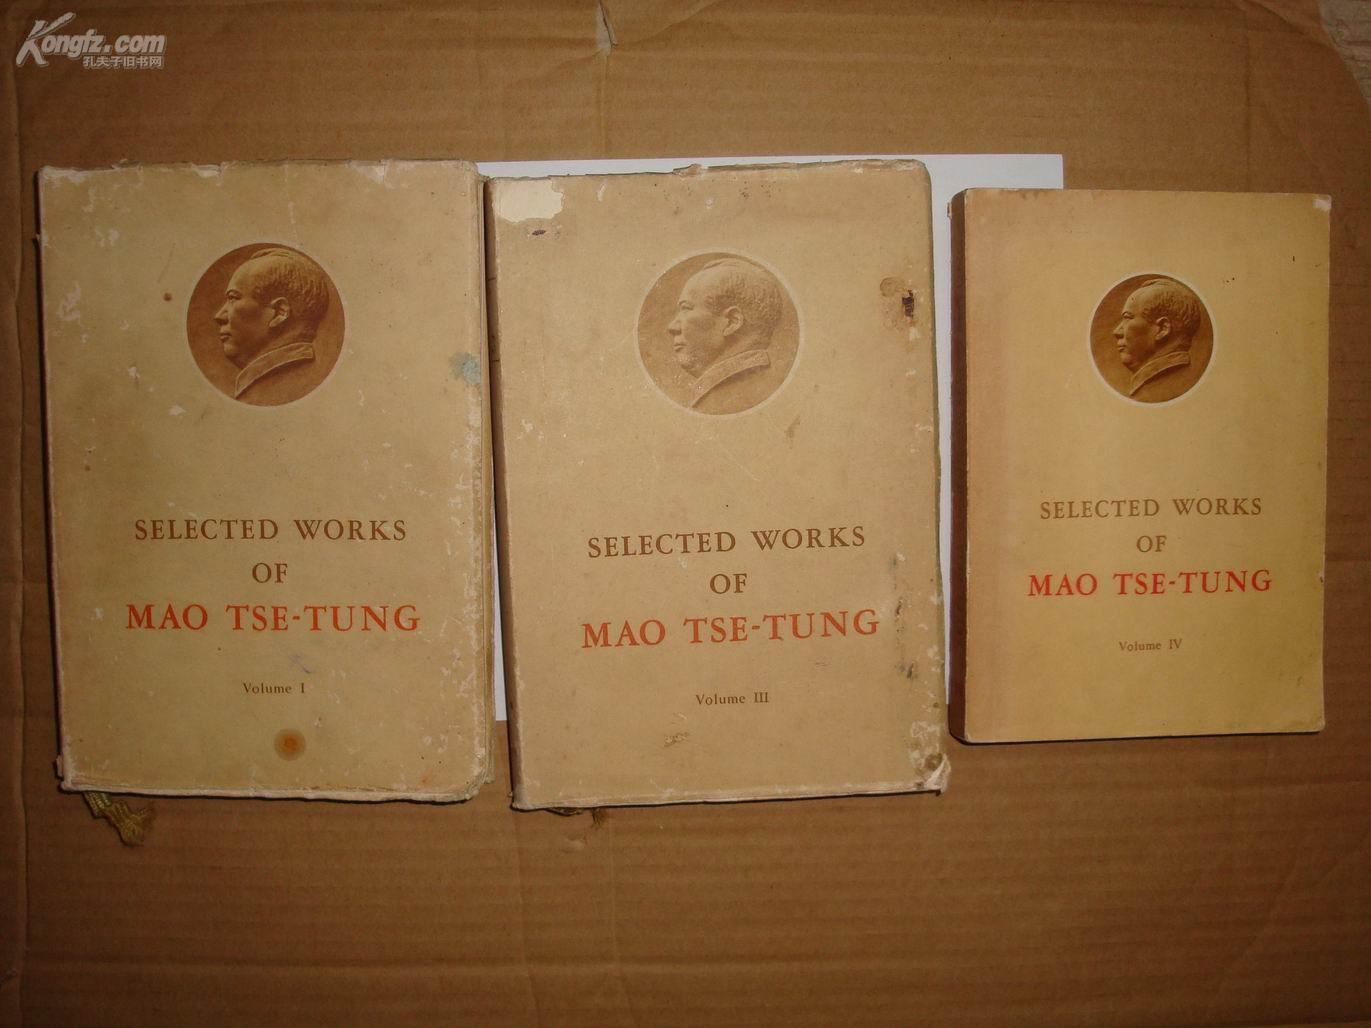 《毛泽东选集 》-英文版-- 软精装一版一印-- 第1 卷!大32开!北京外文出版社出版